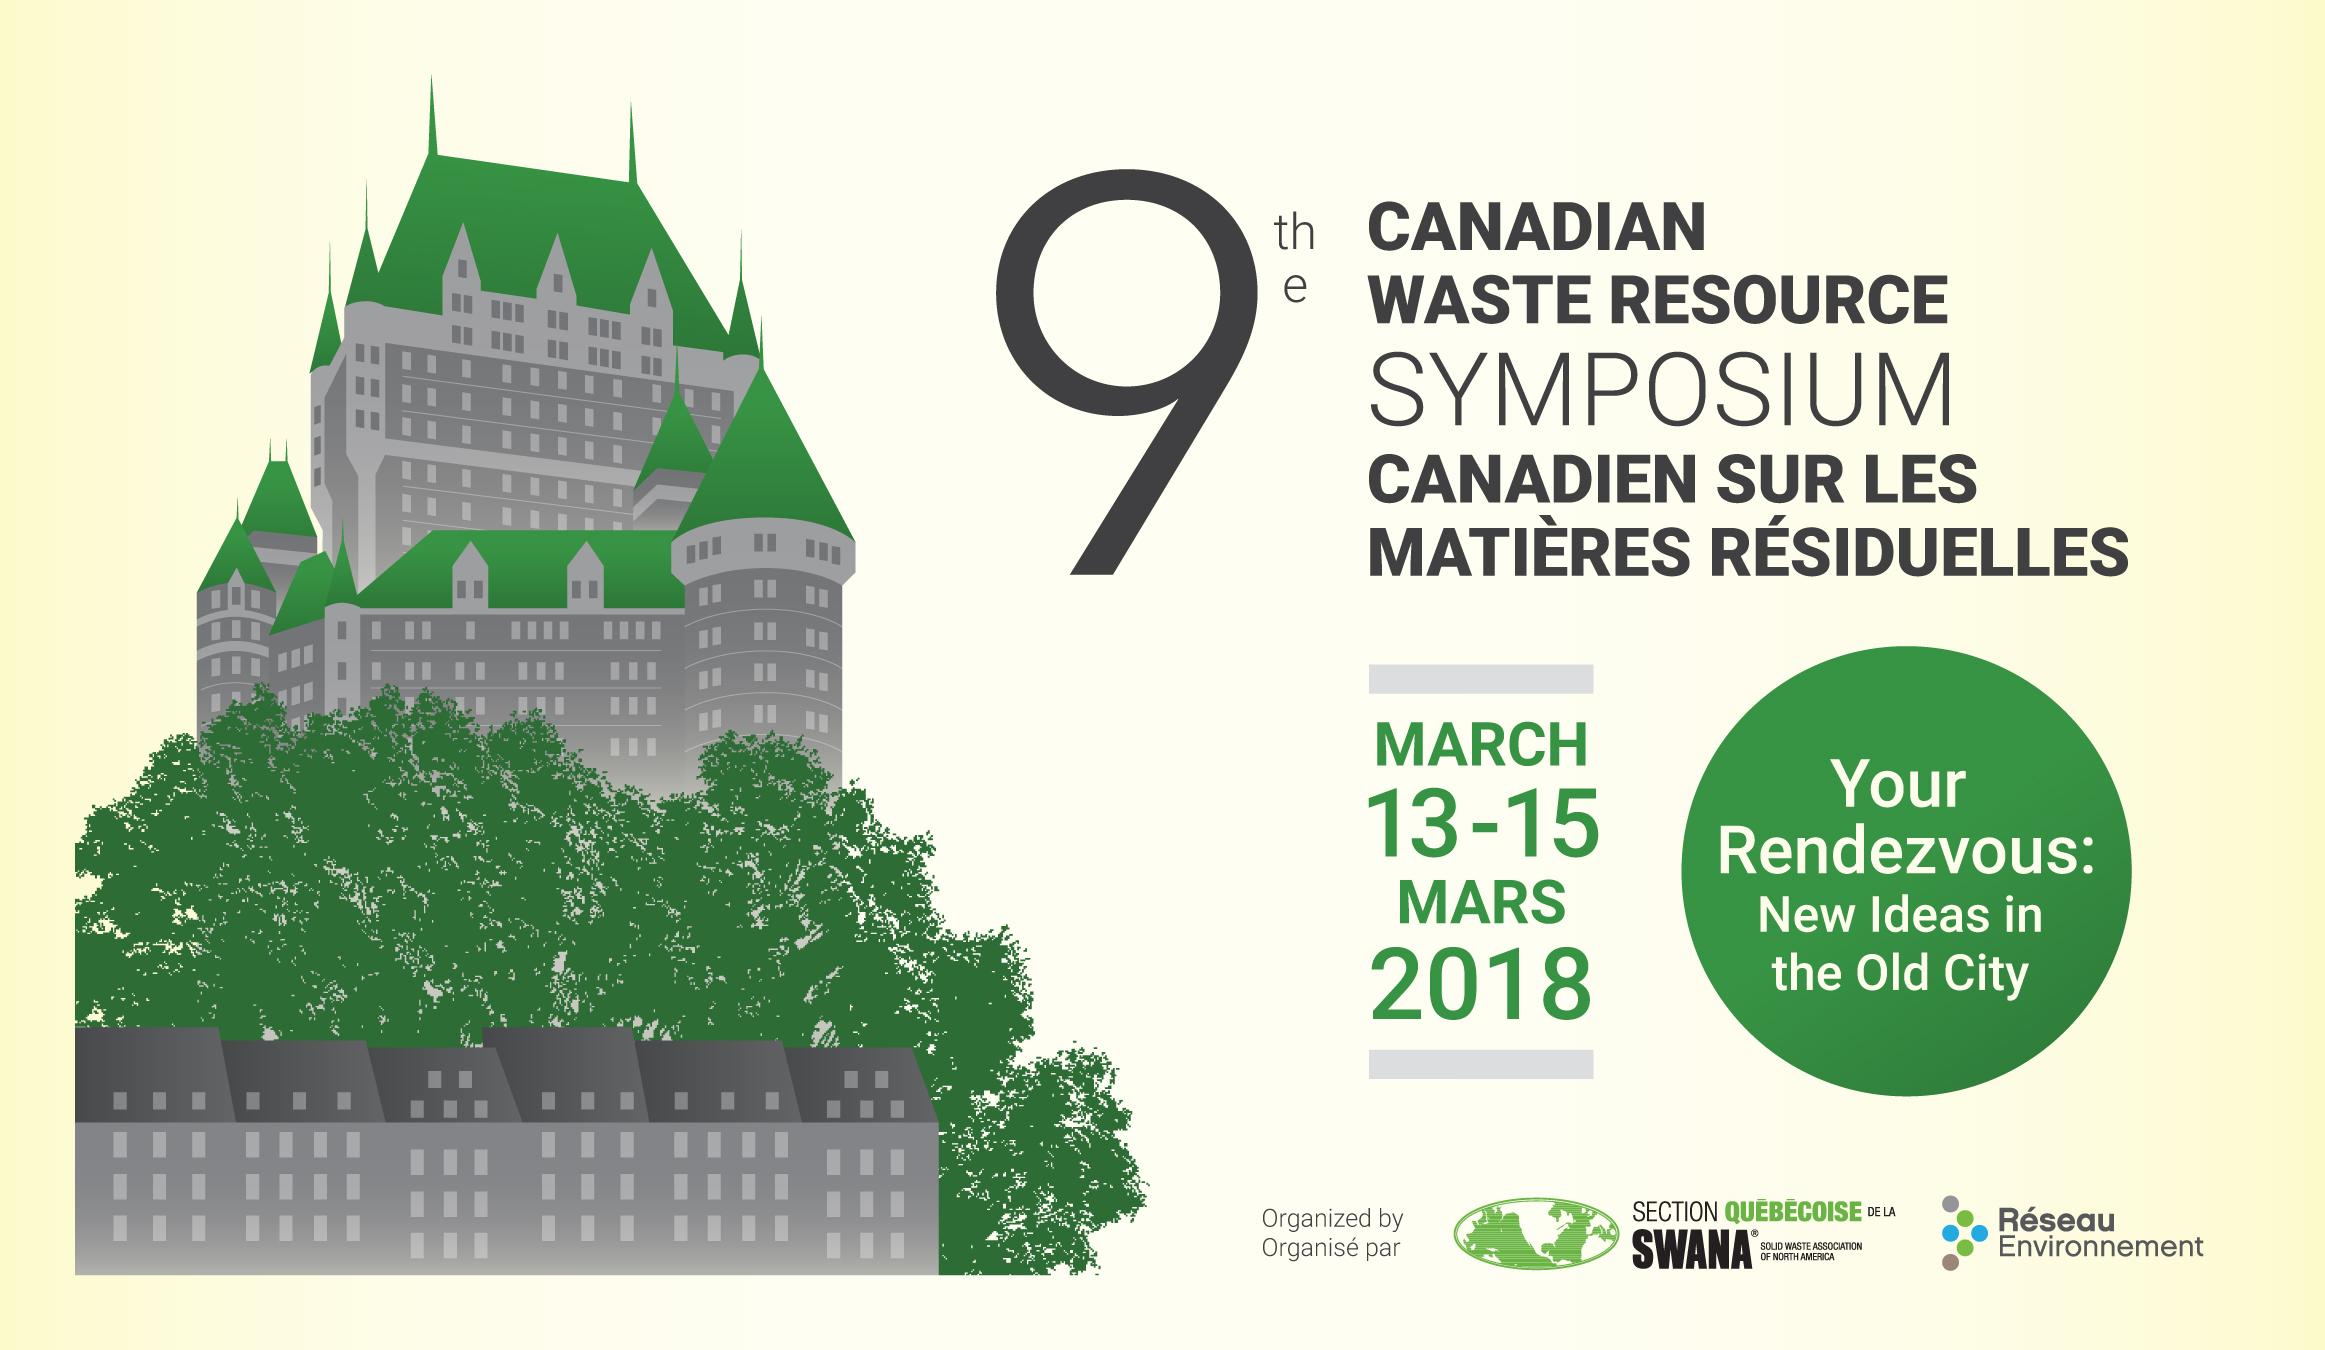 Symposium canadien sur les matières résiduelles